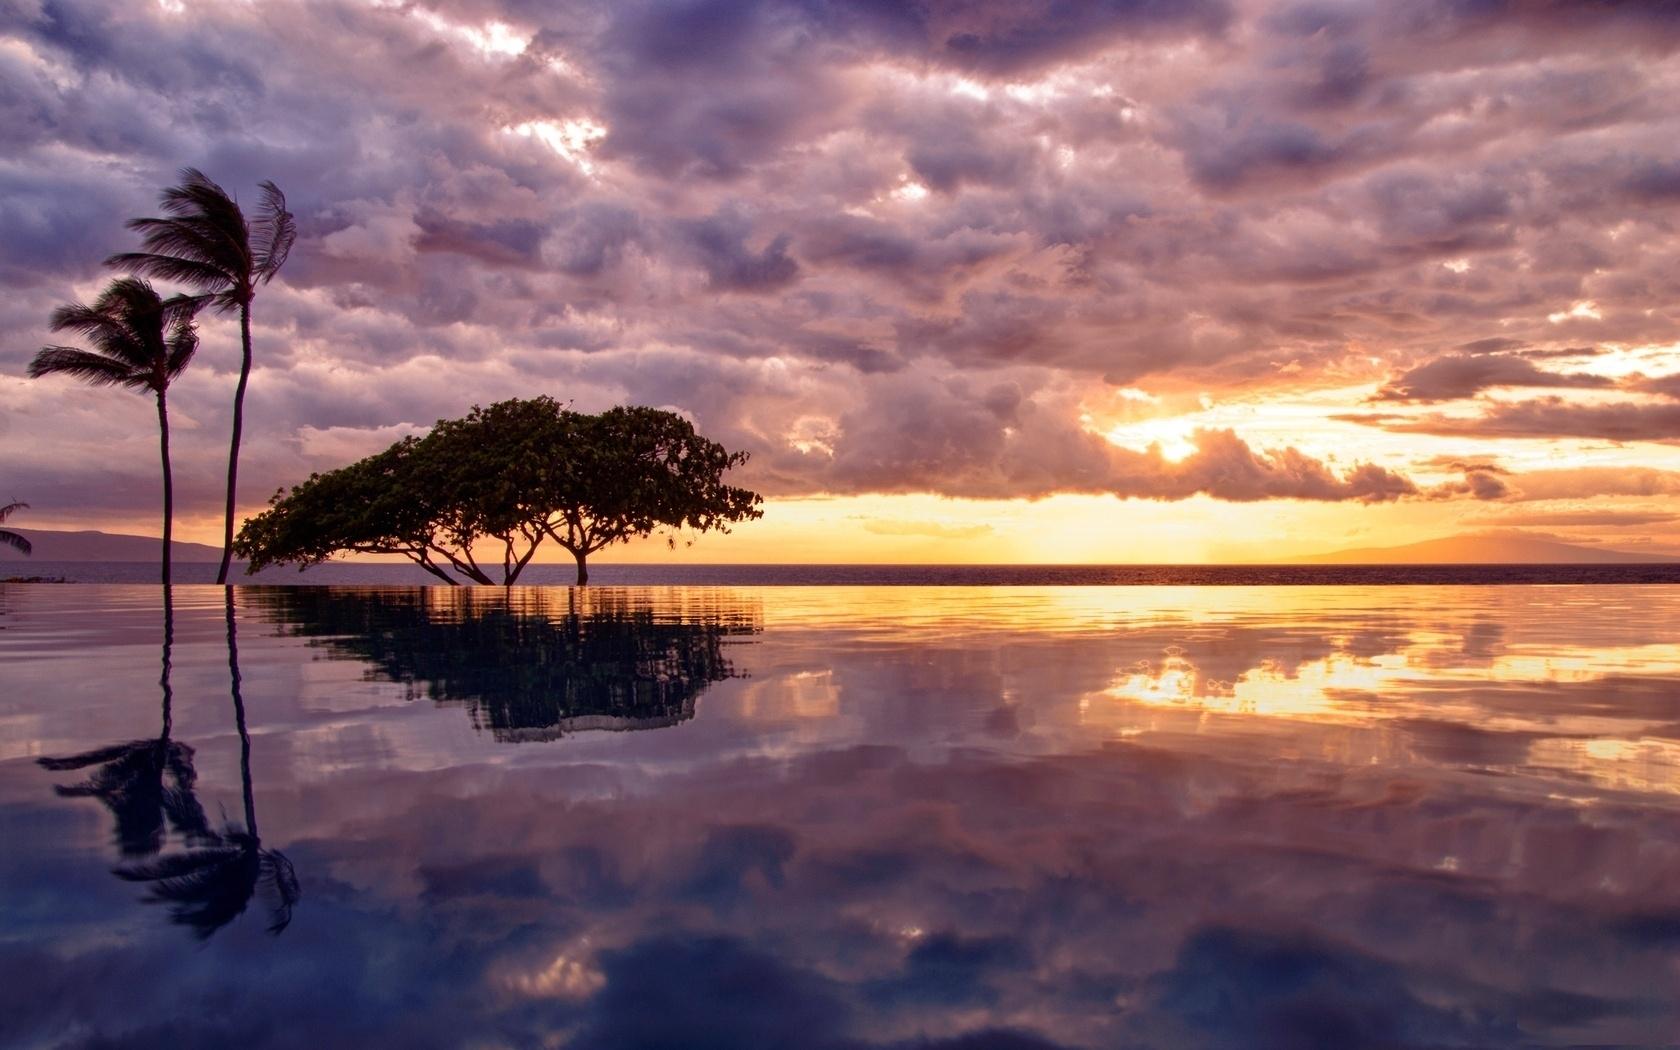 29481 скачать обои Пейзаж, Деревья, Море - заставки и картинки бесплатно